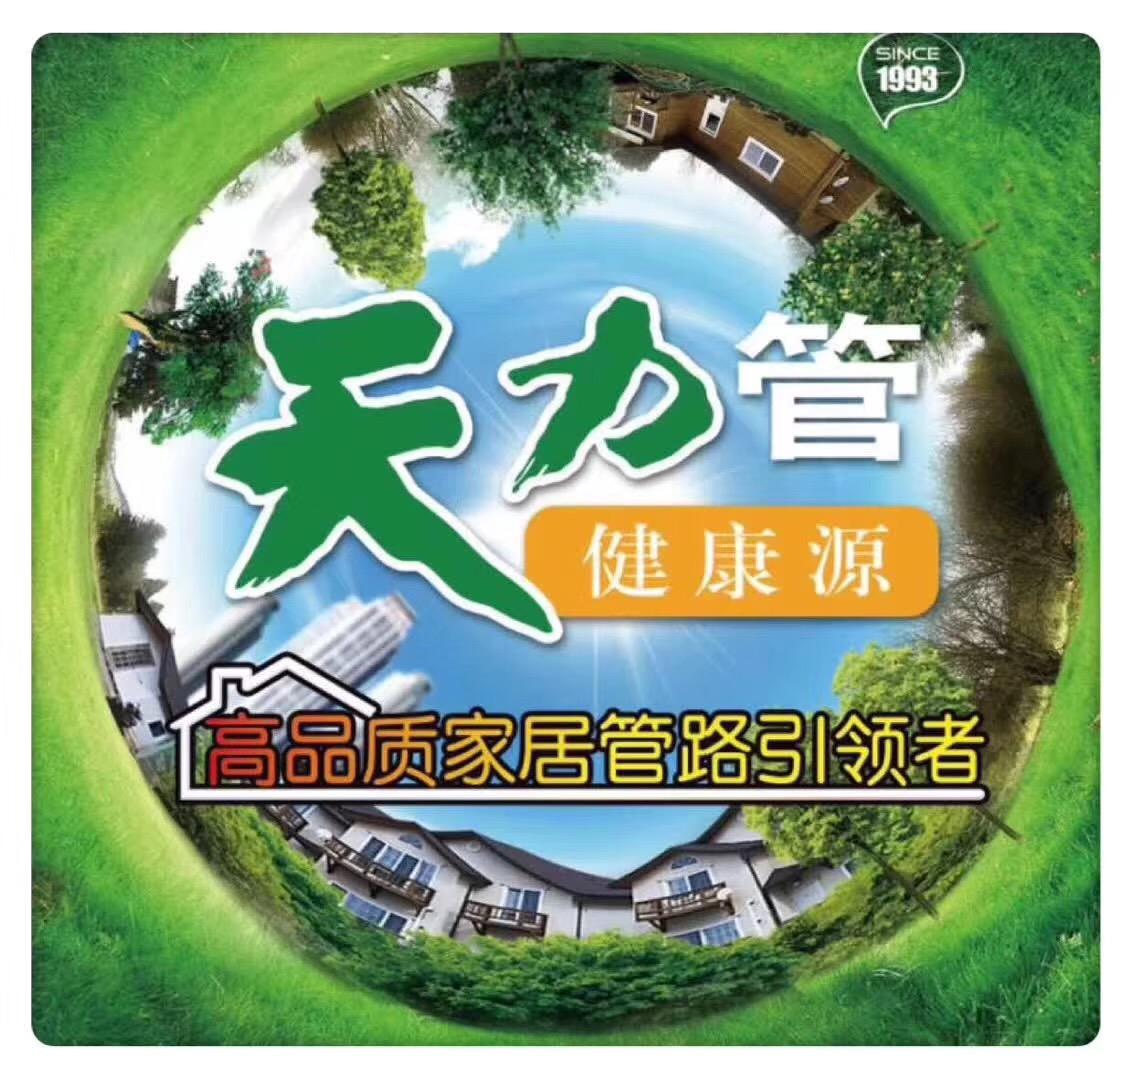 顺宝天誉3-1A-1601水电全景图